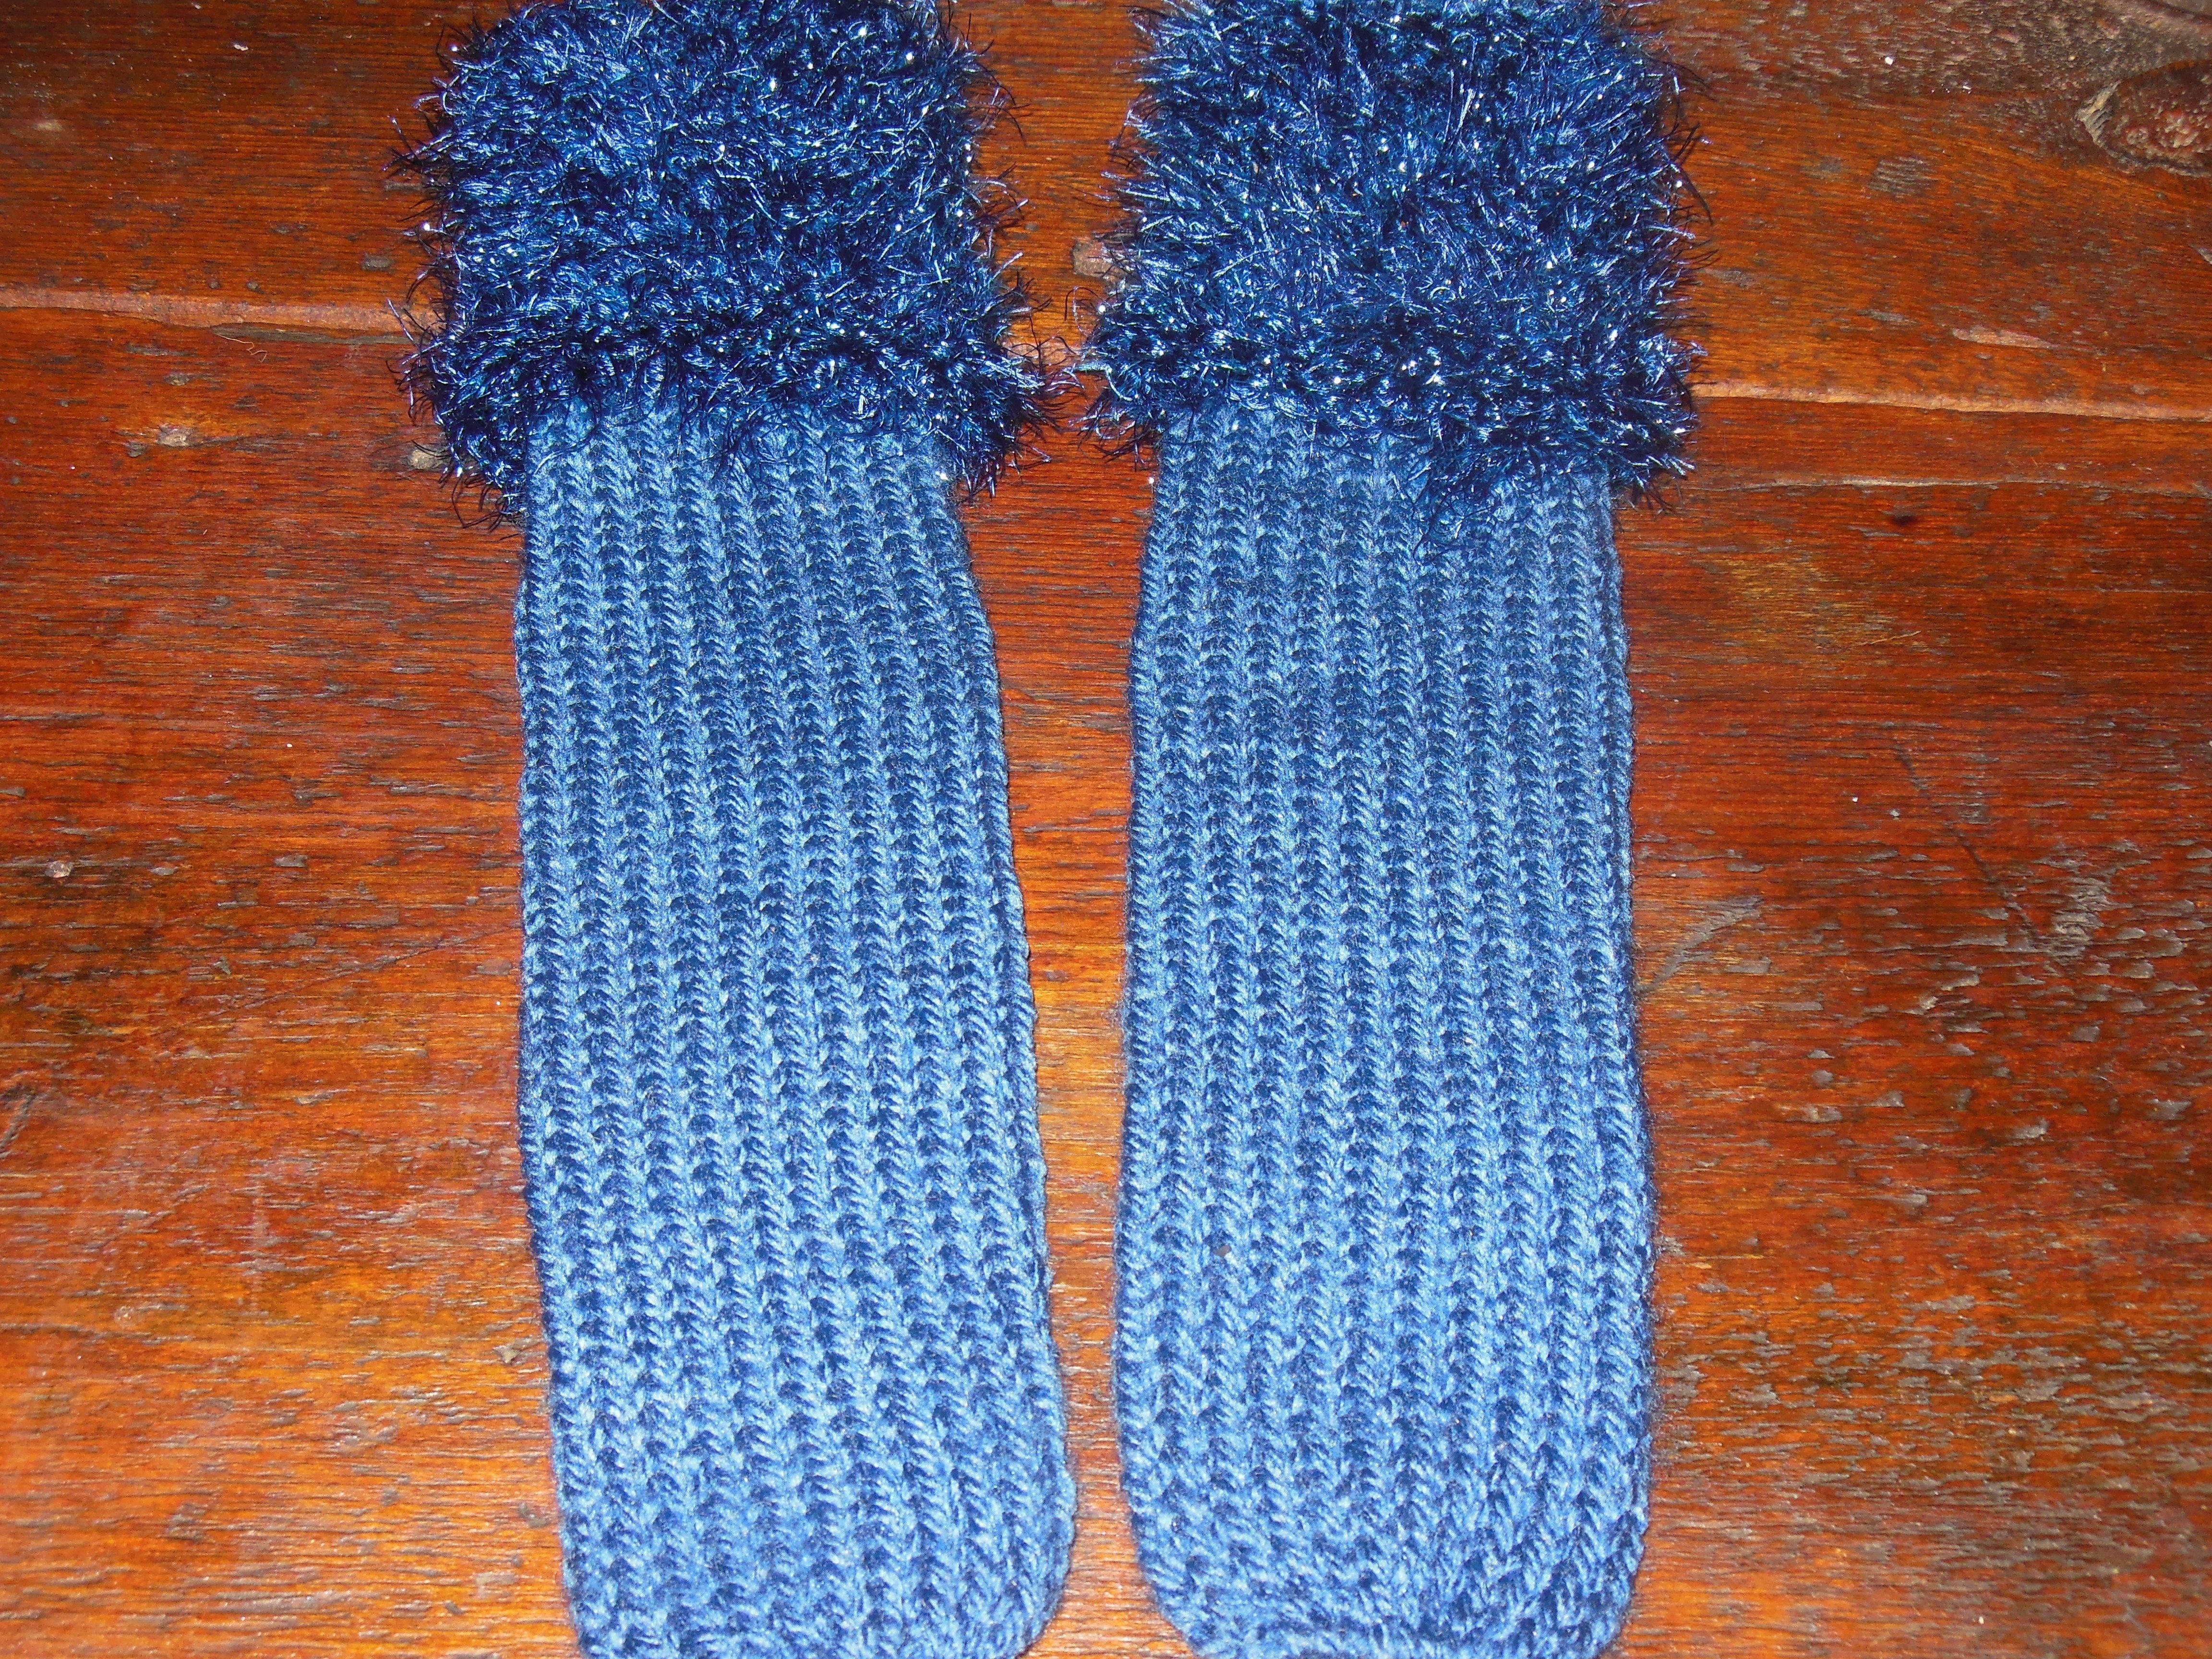 Addi Express tube socks | Free Crochet & Knitting Patterns ...